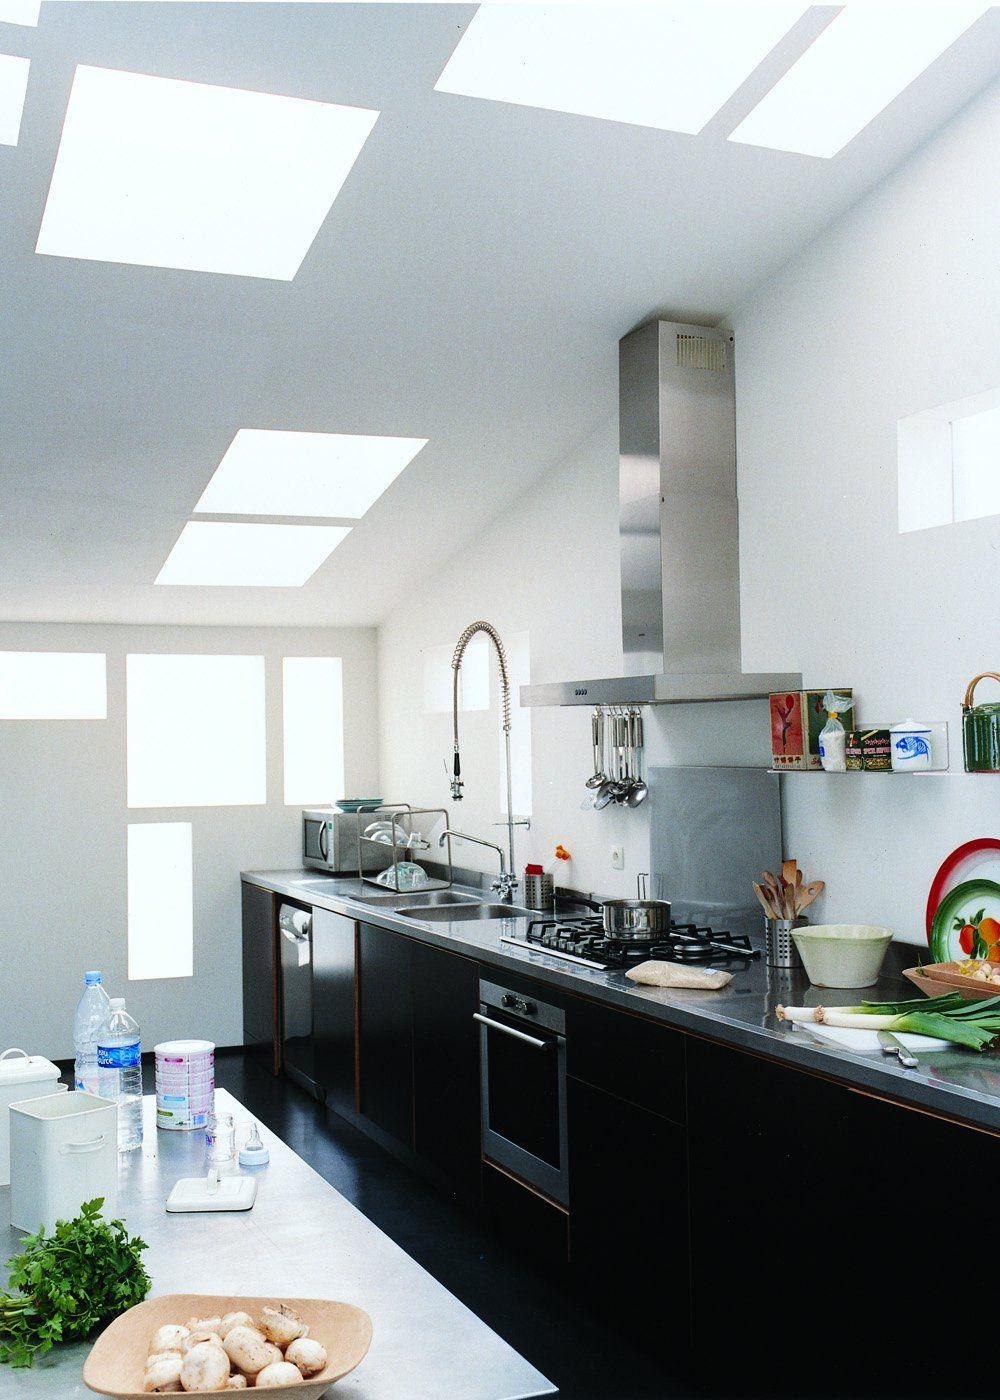 Cuisine mansardée : toutes nos plus belles idées pour bien l'aménager (avec images)   Agencement ...